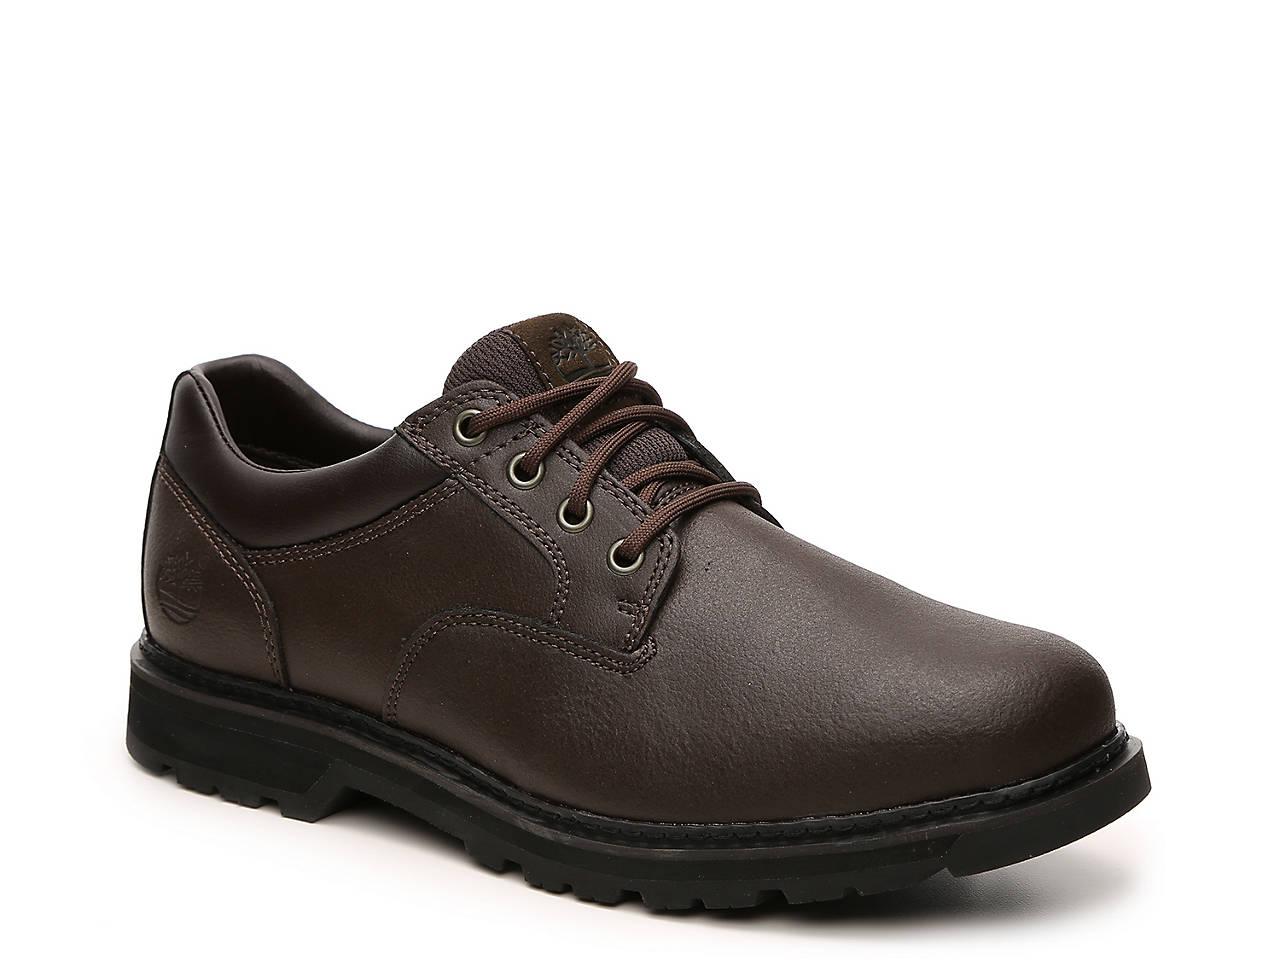 Shoes Store Sw Fl